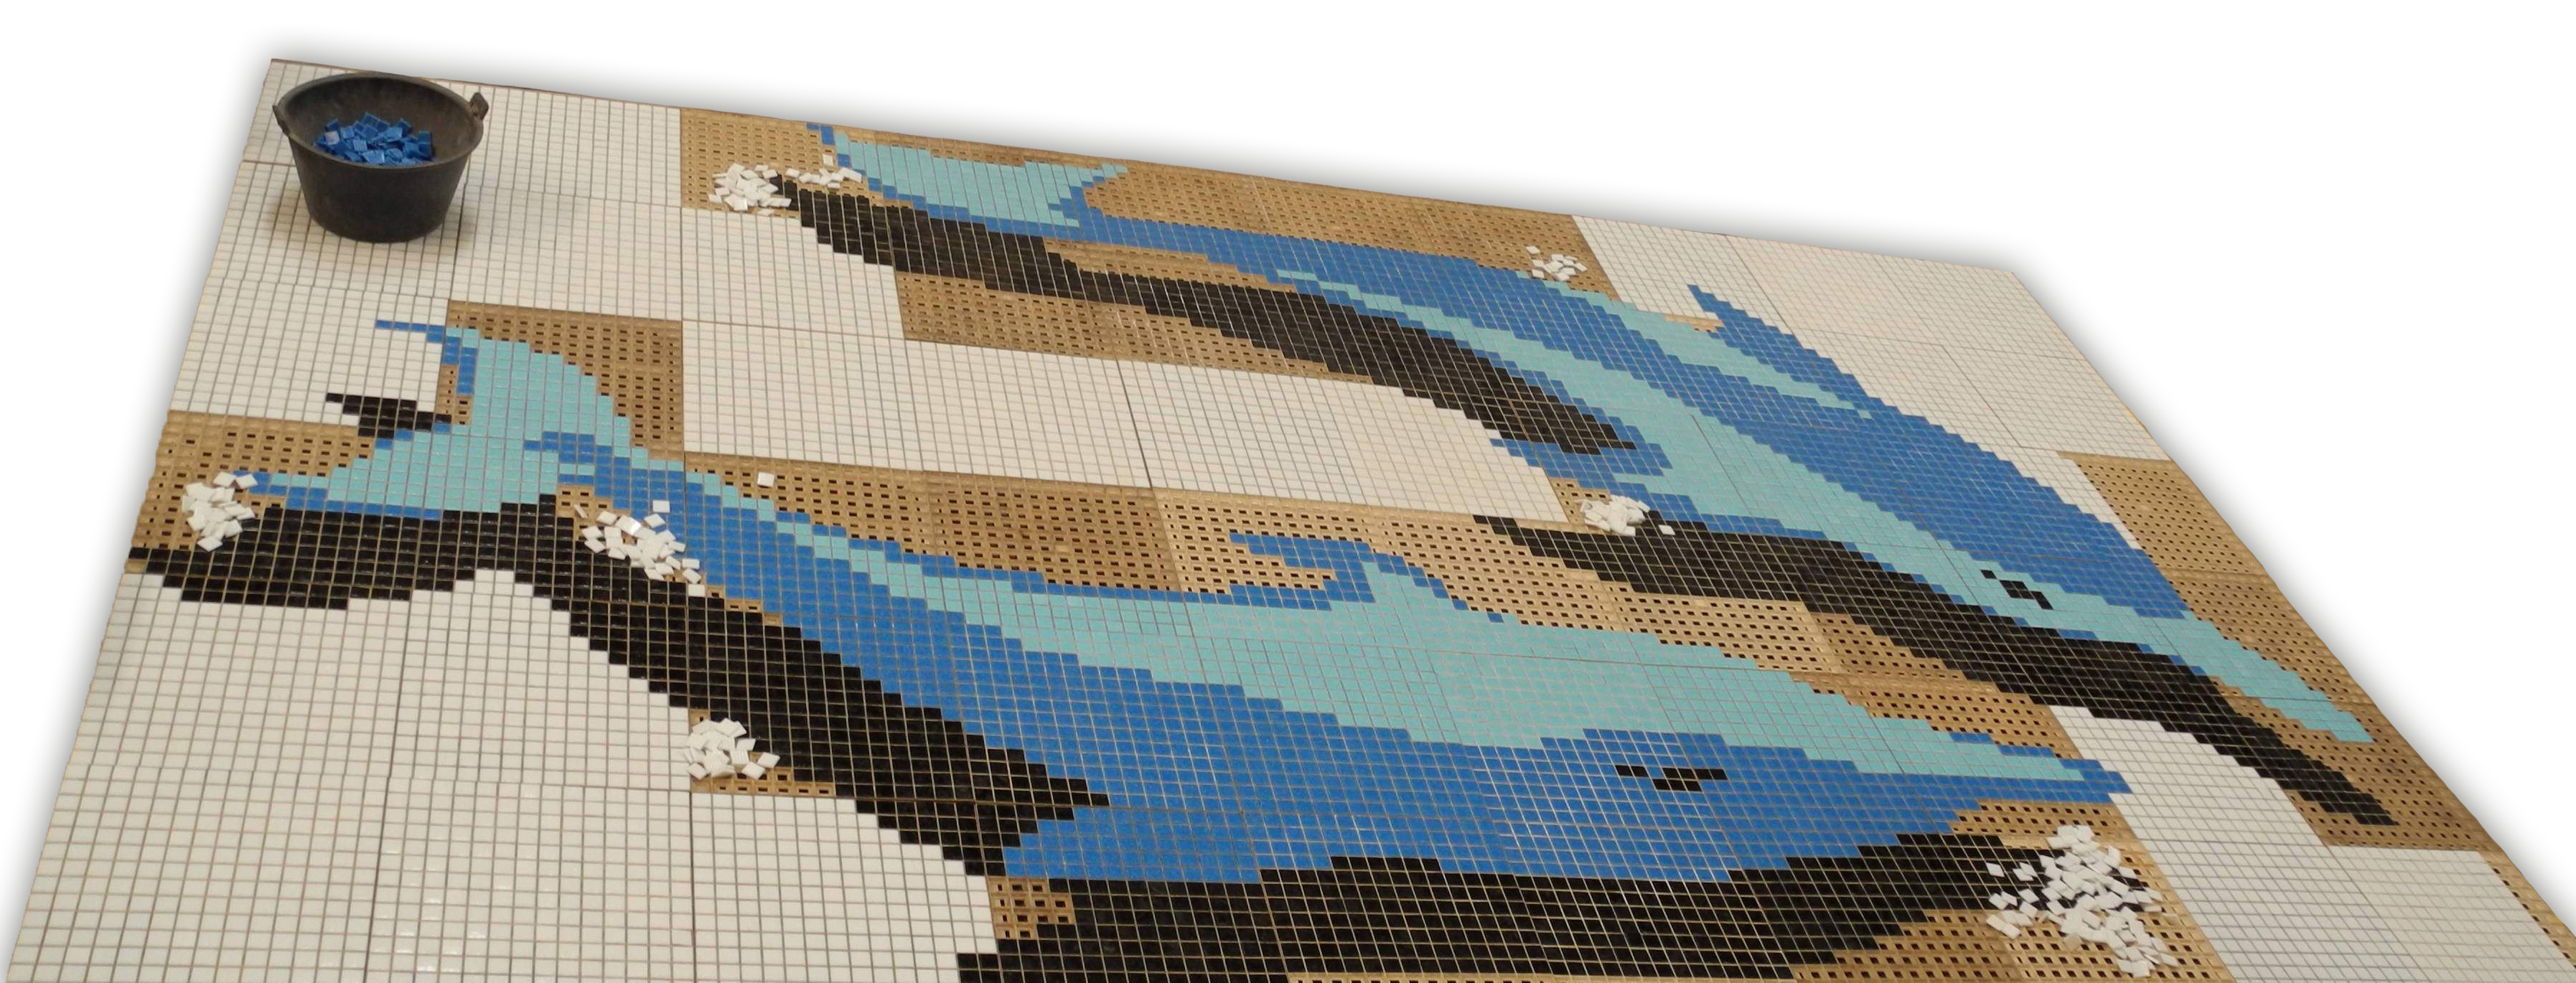 Tableau en mosa que en pate de verre pour piscine dauphin meubles et d cora - Verre pile pour filtre piscine ...